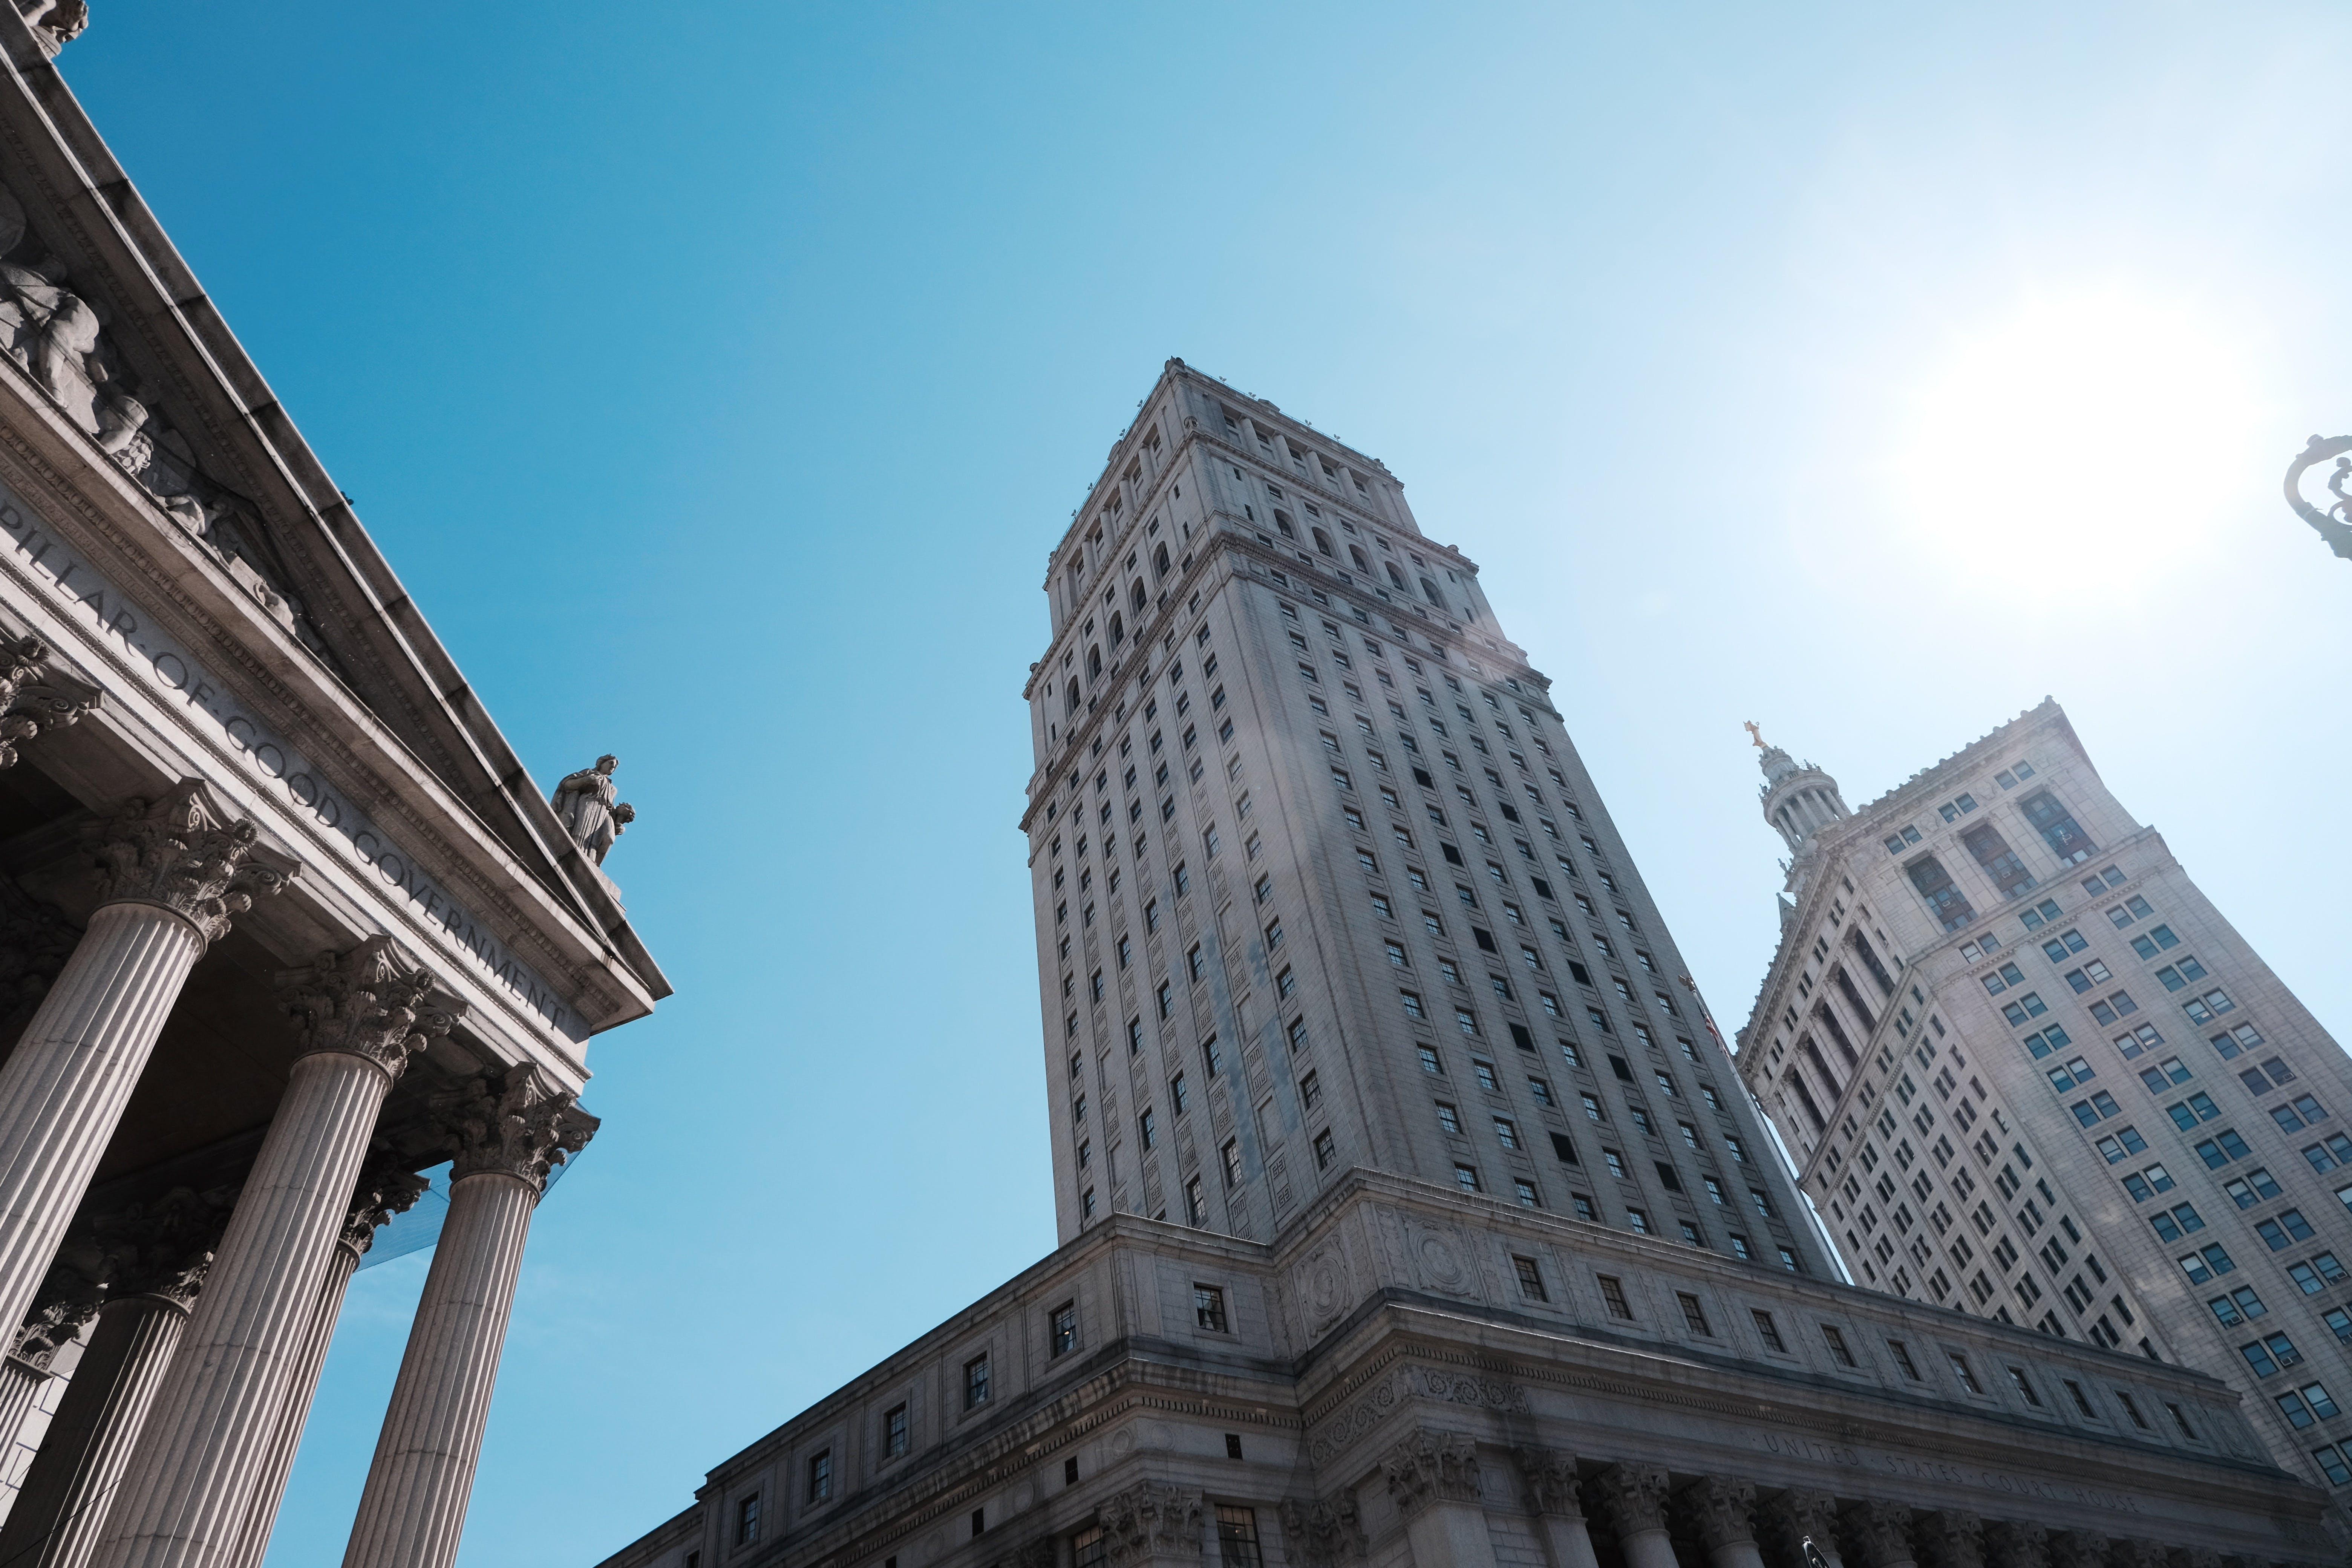 Ilmainen kuvapankkikuva tunnisteilla arkkitehtuuri, keskusta, perspektiivi, pilvenpiirtäjä